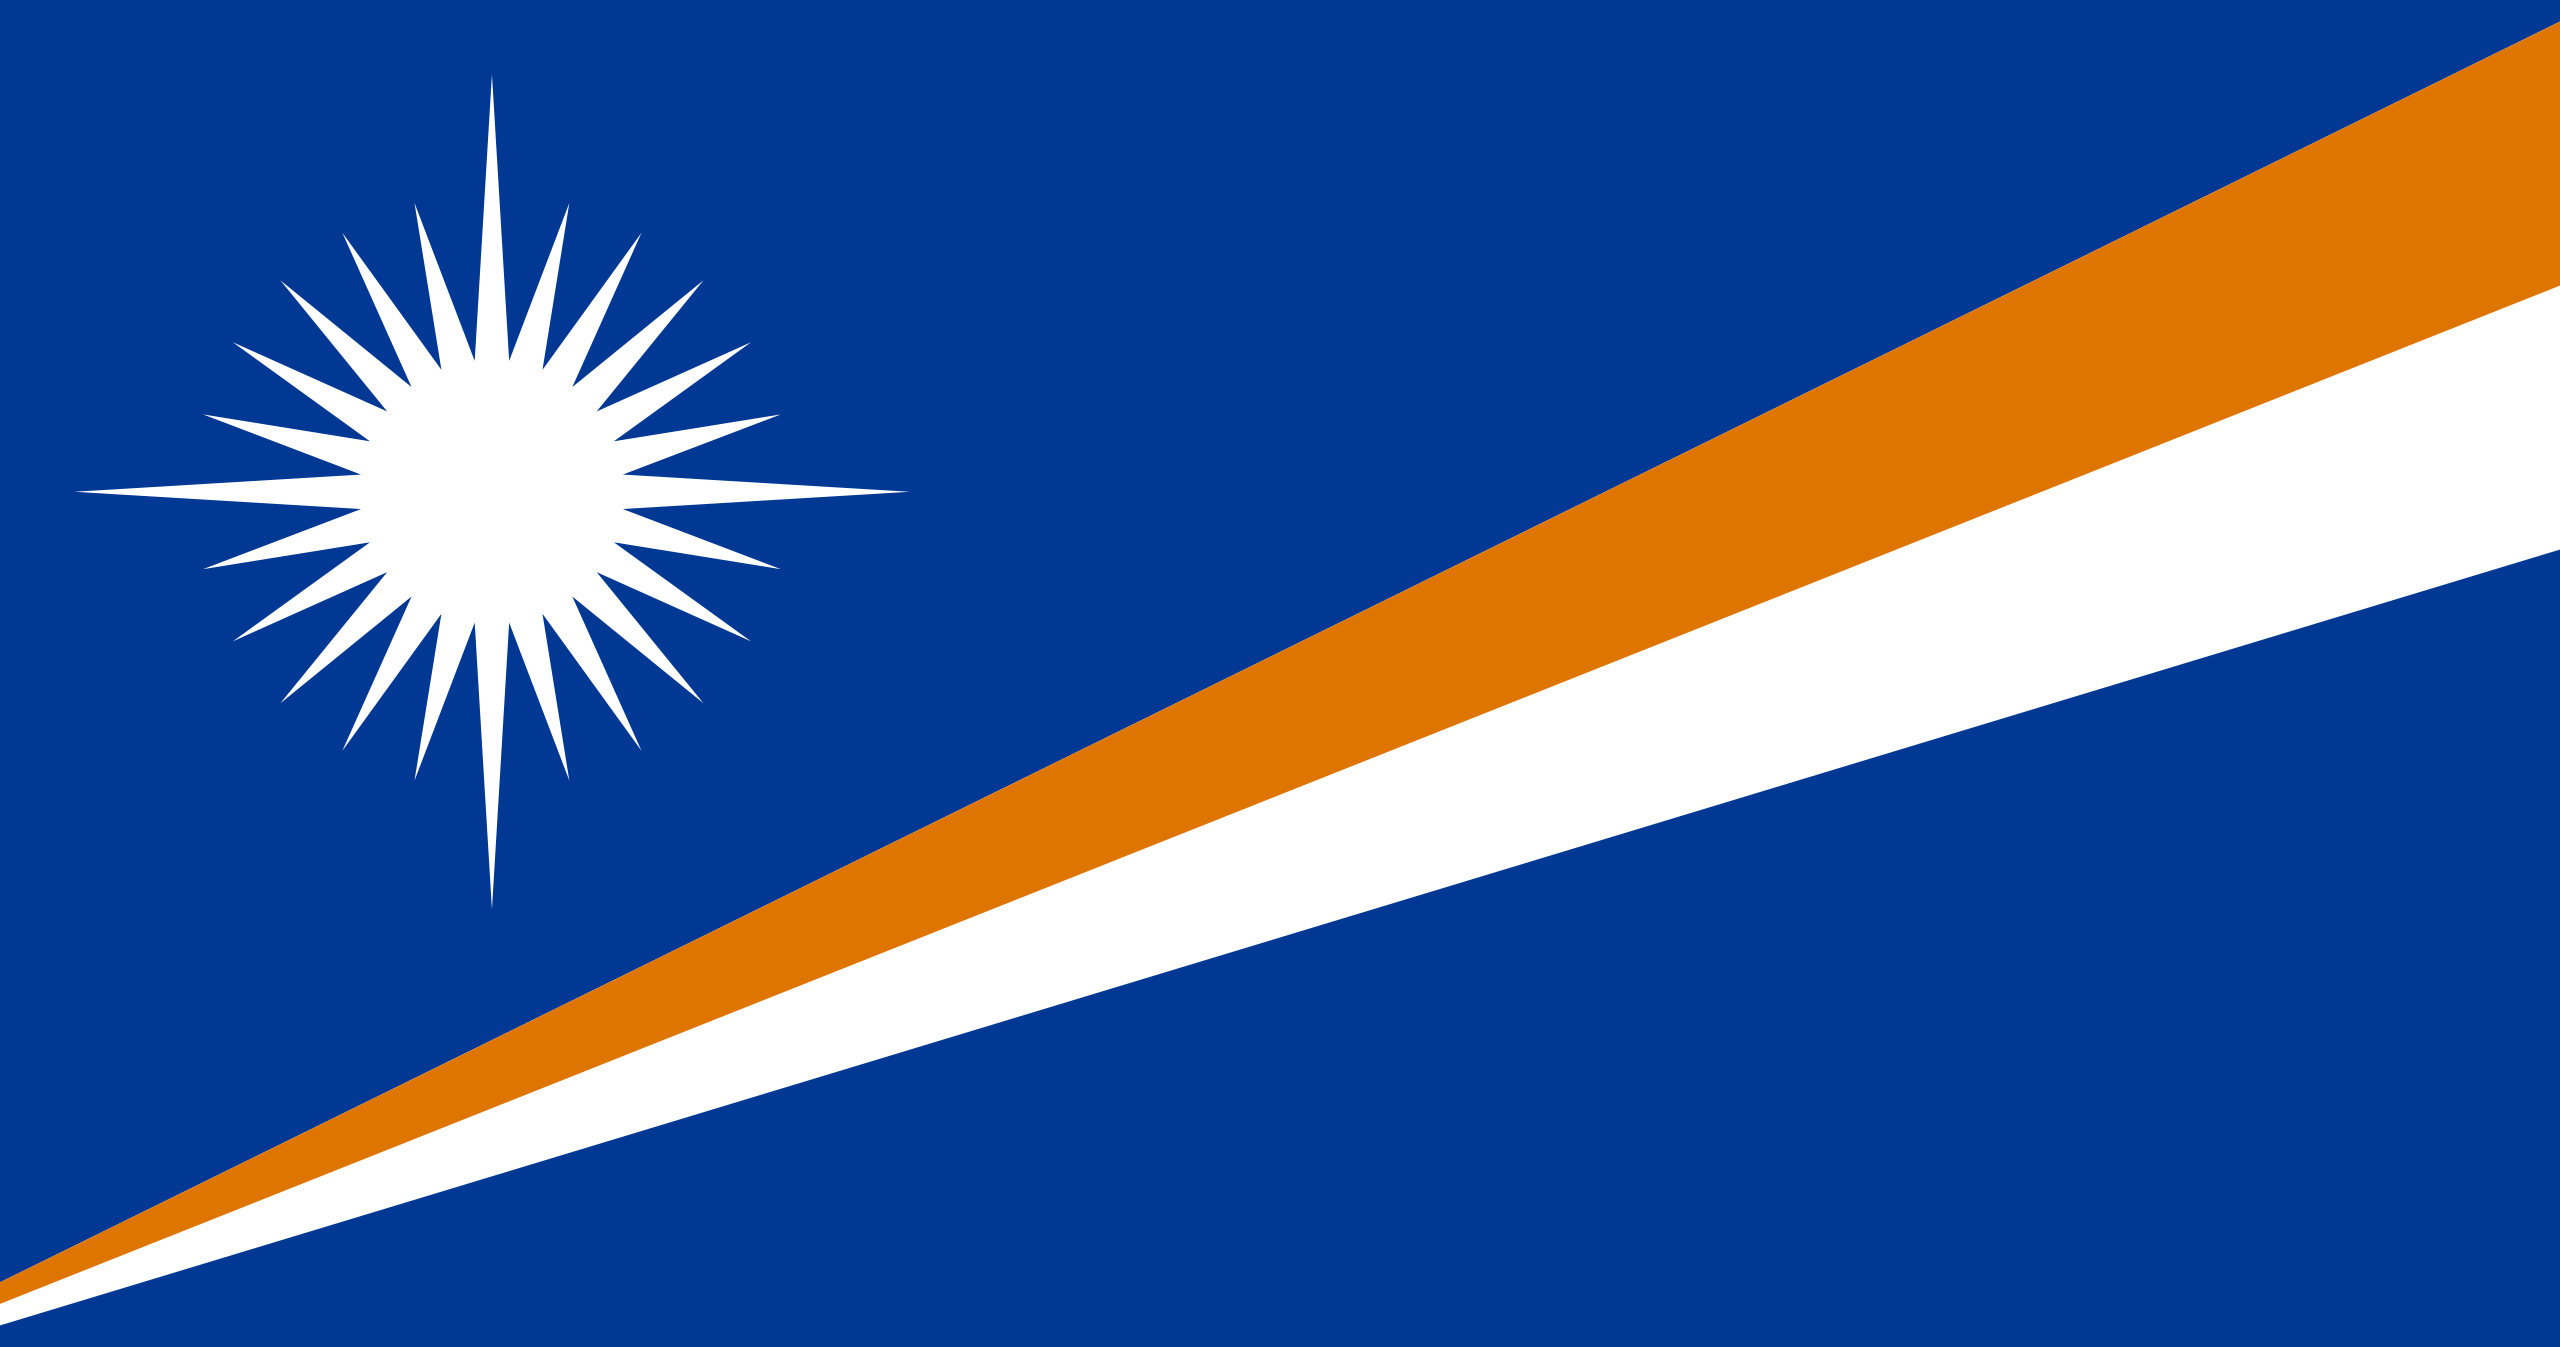 islas marshall, país, Brasão de armas, logotipo, símbolo - Papéis de parede HD - Professor-falken.com